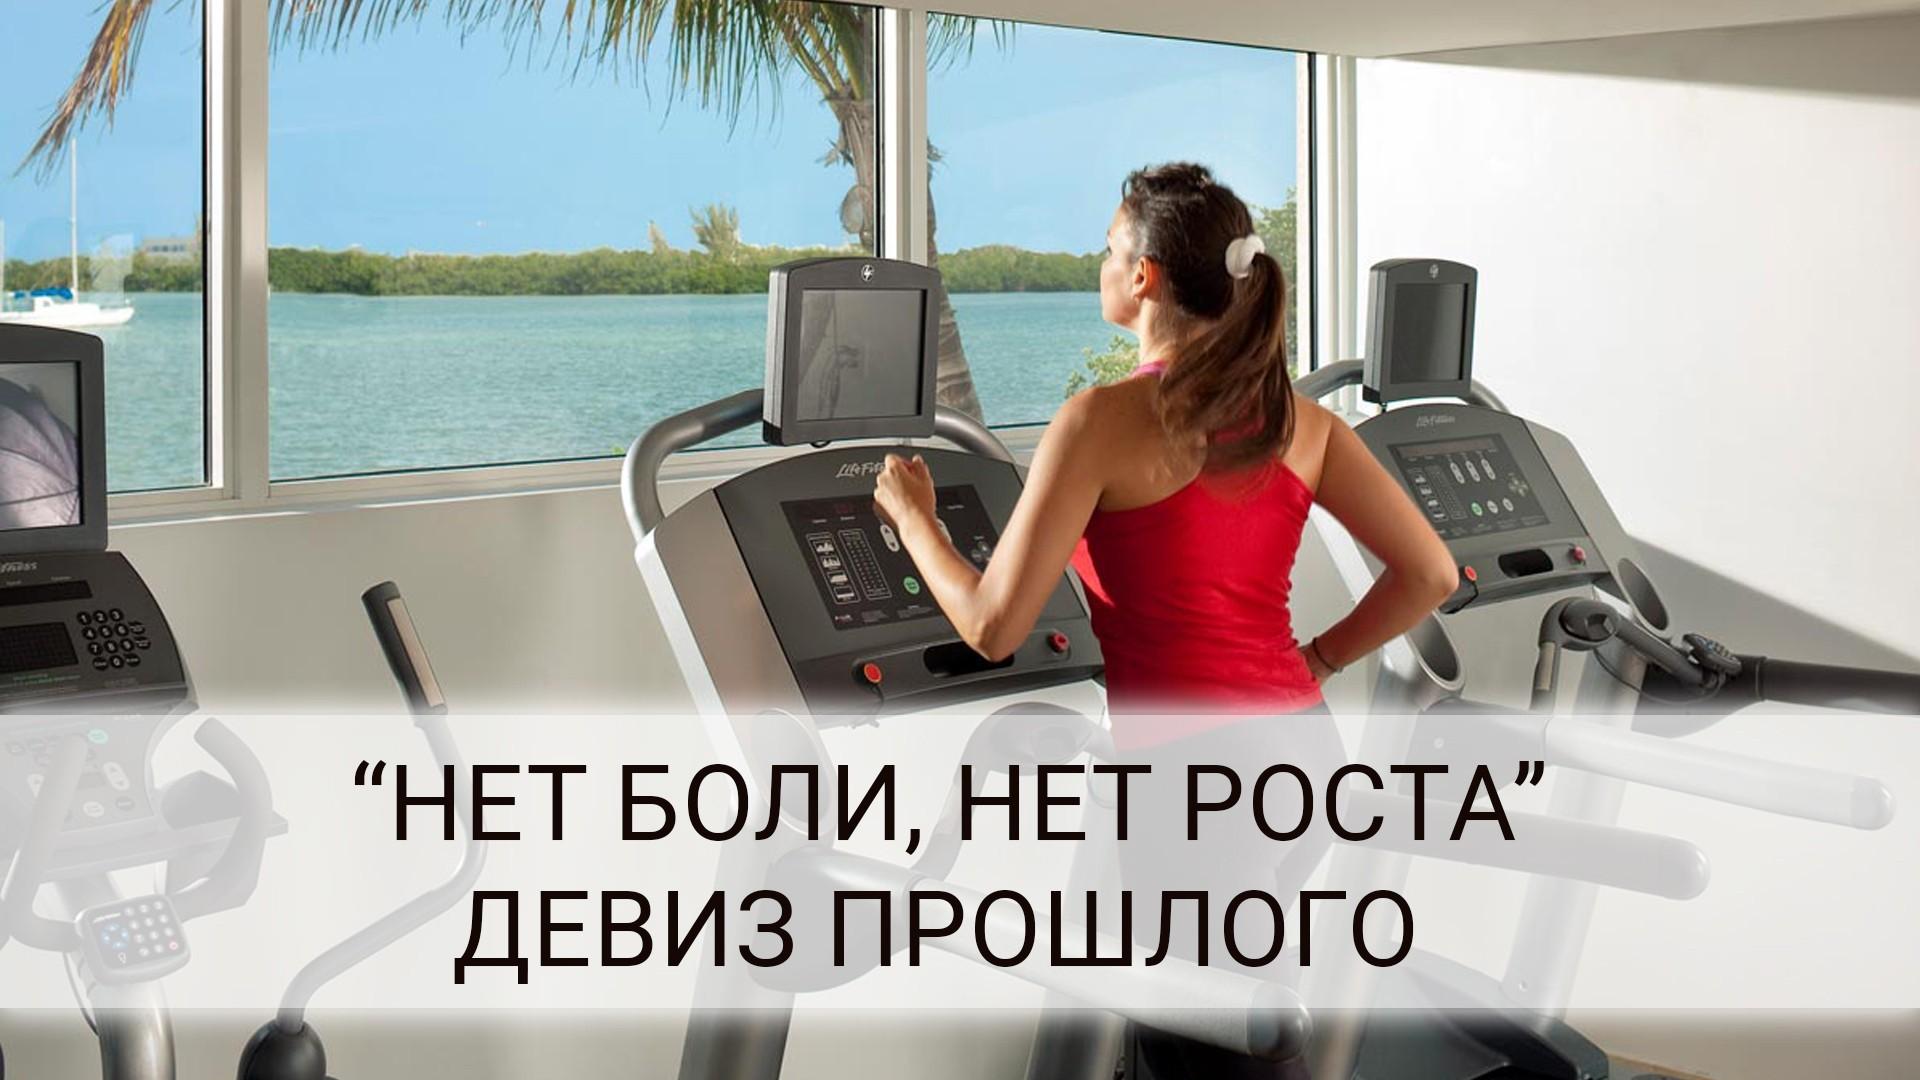 Фитнес инструкция